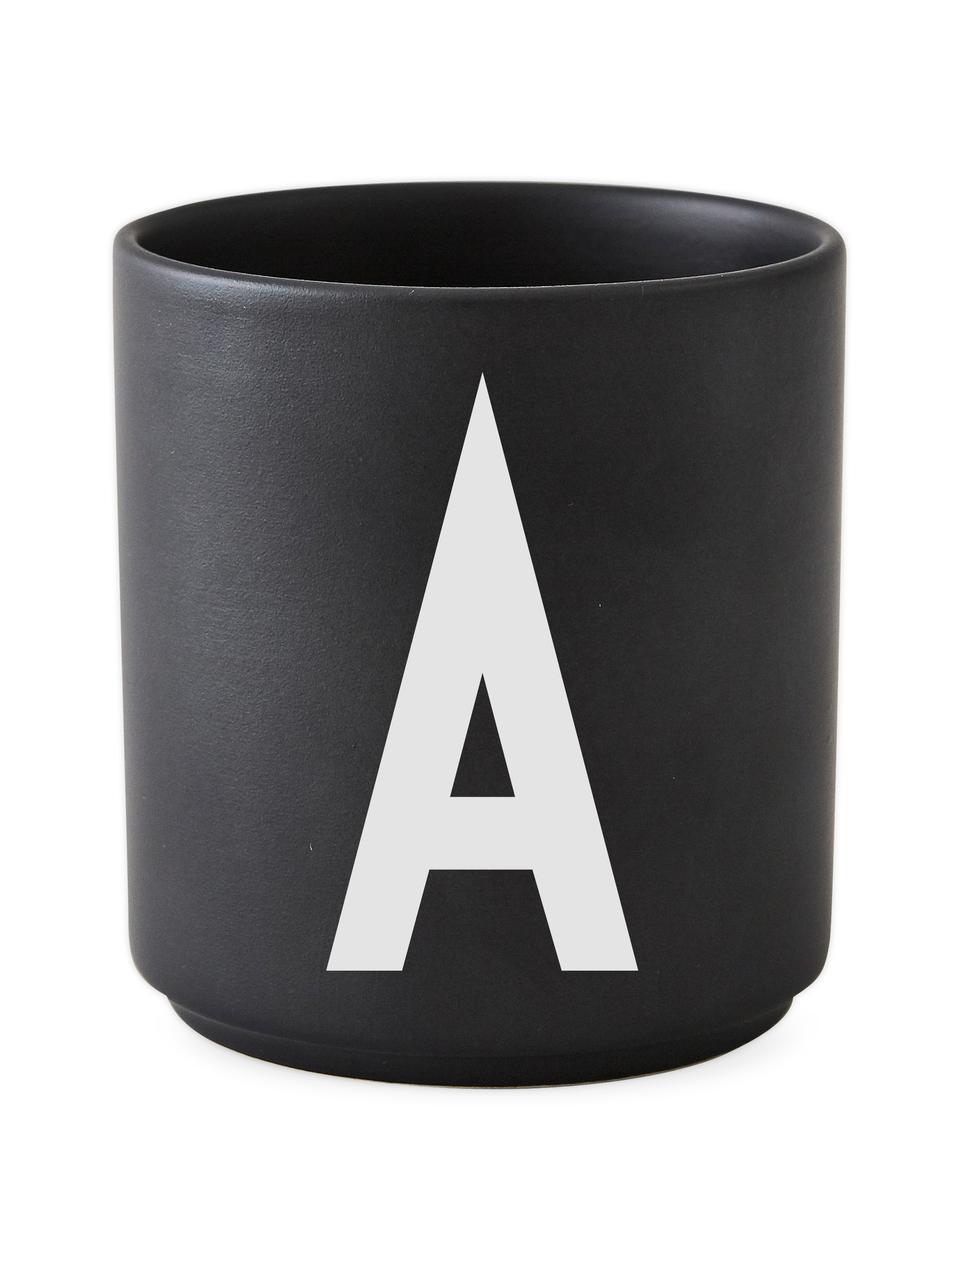 Mug design porcelaine noire Personal (variantes deA à Z), Noir mat, blanc